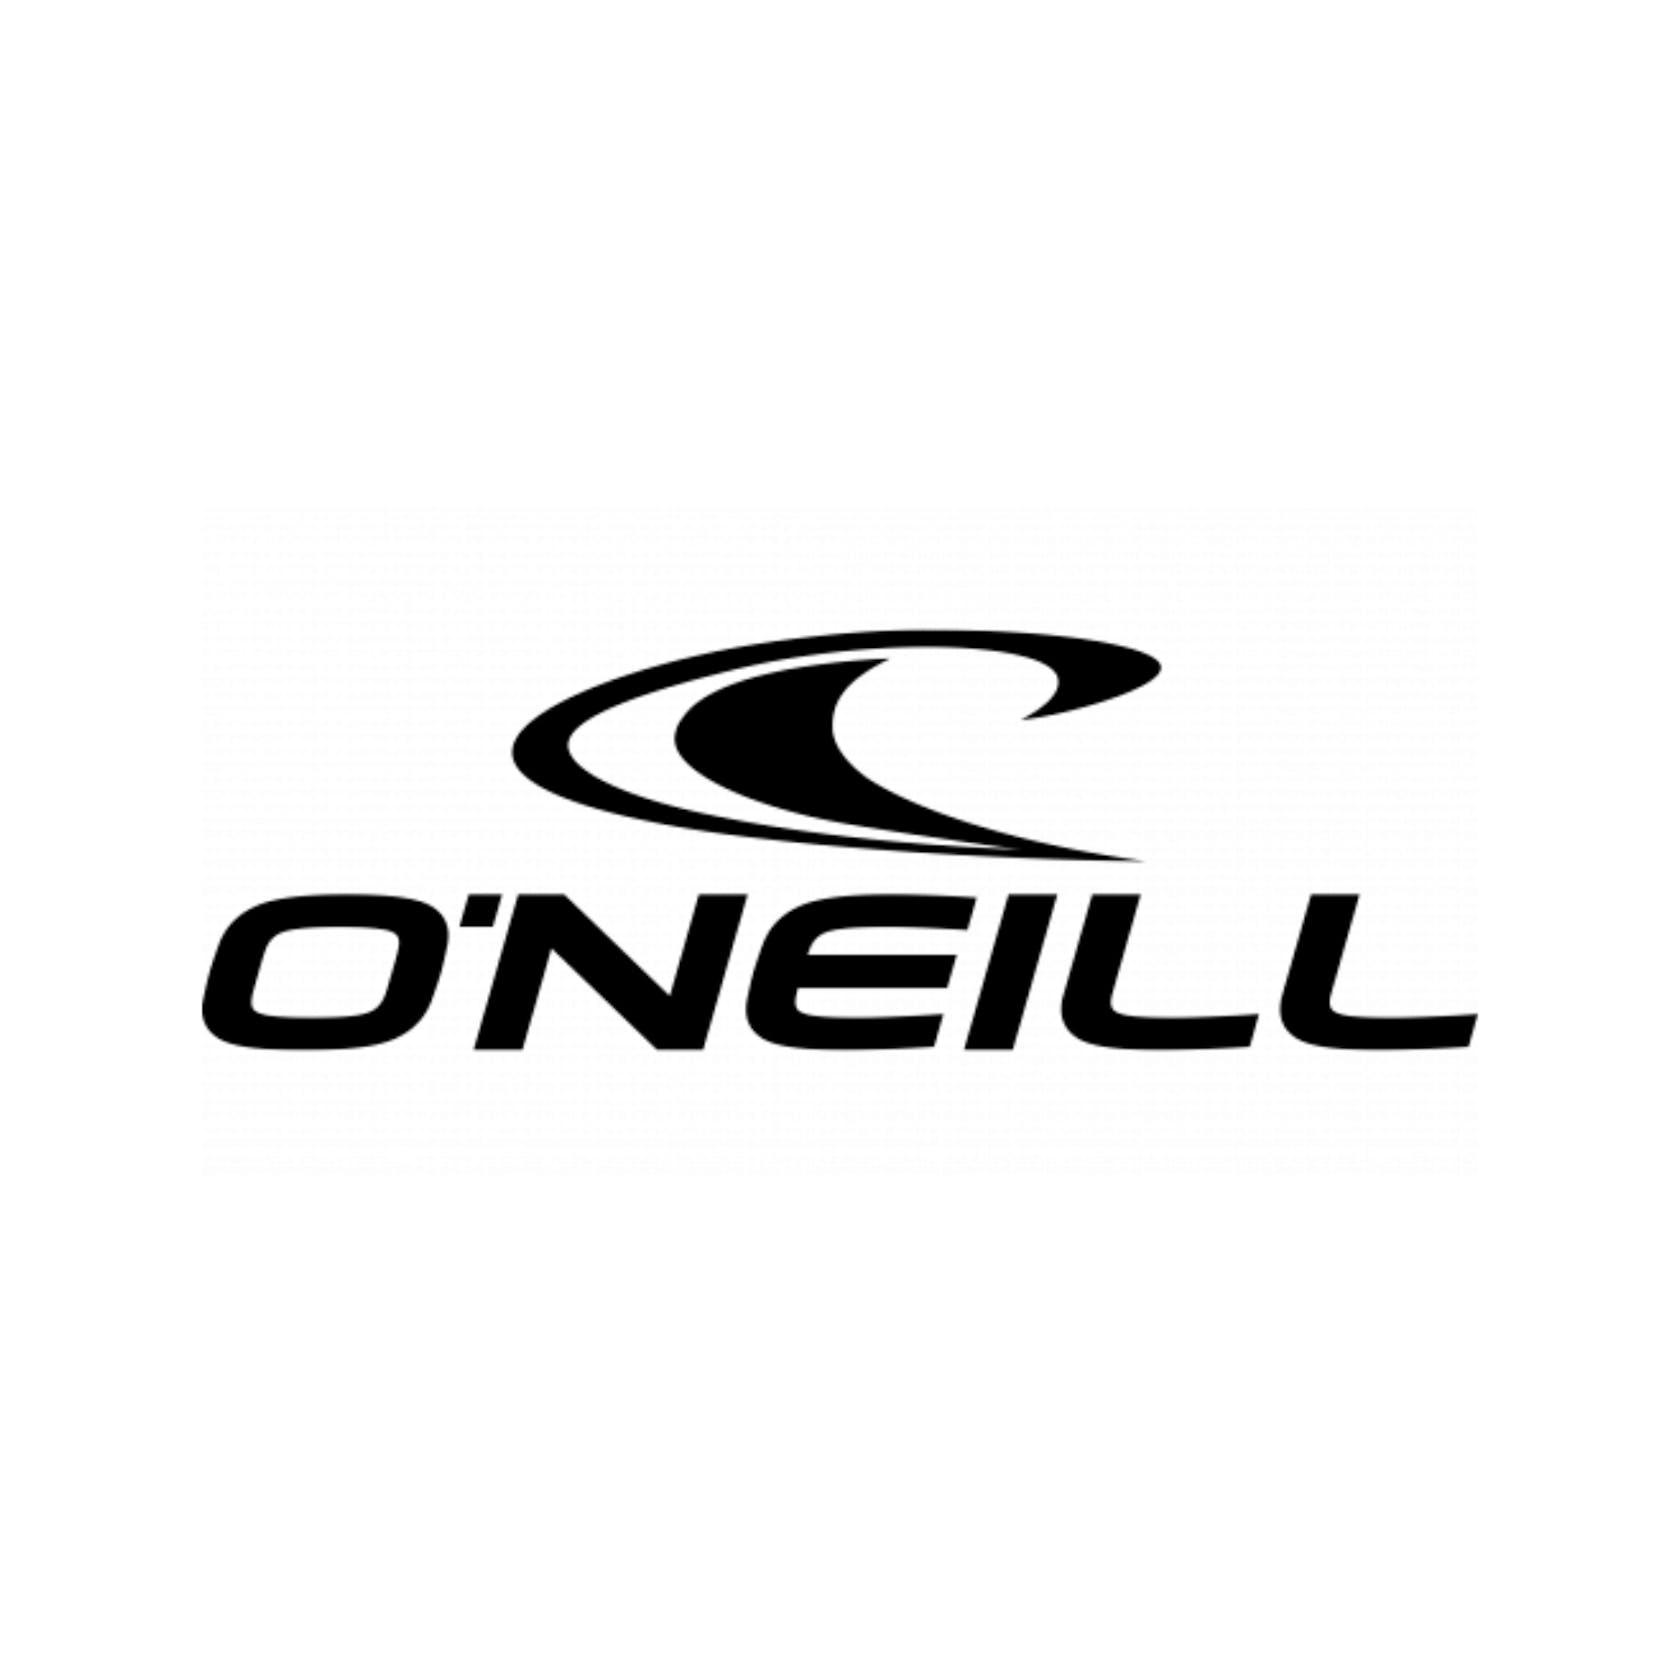 O'Neill Onlineshop